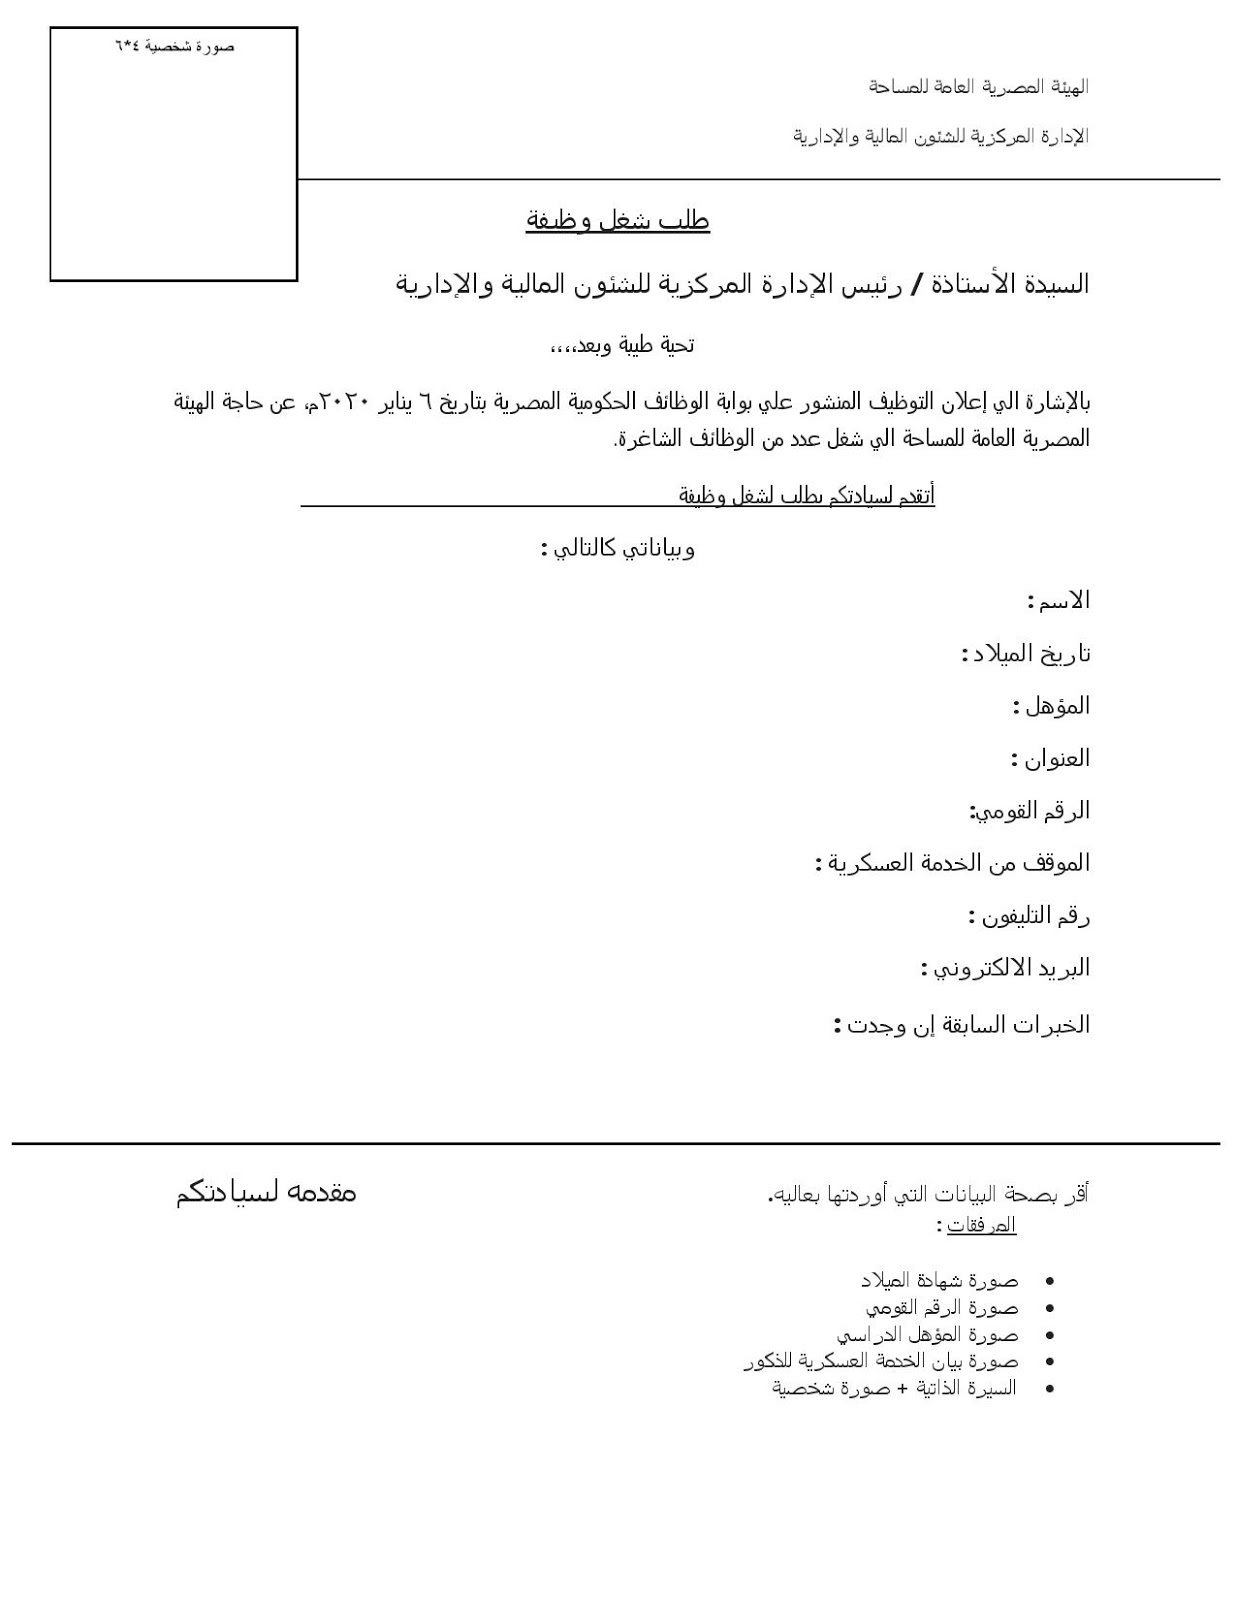 طلب شغل وظائف هيئة المساحة المصرية وظائف حكومية 2020